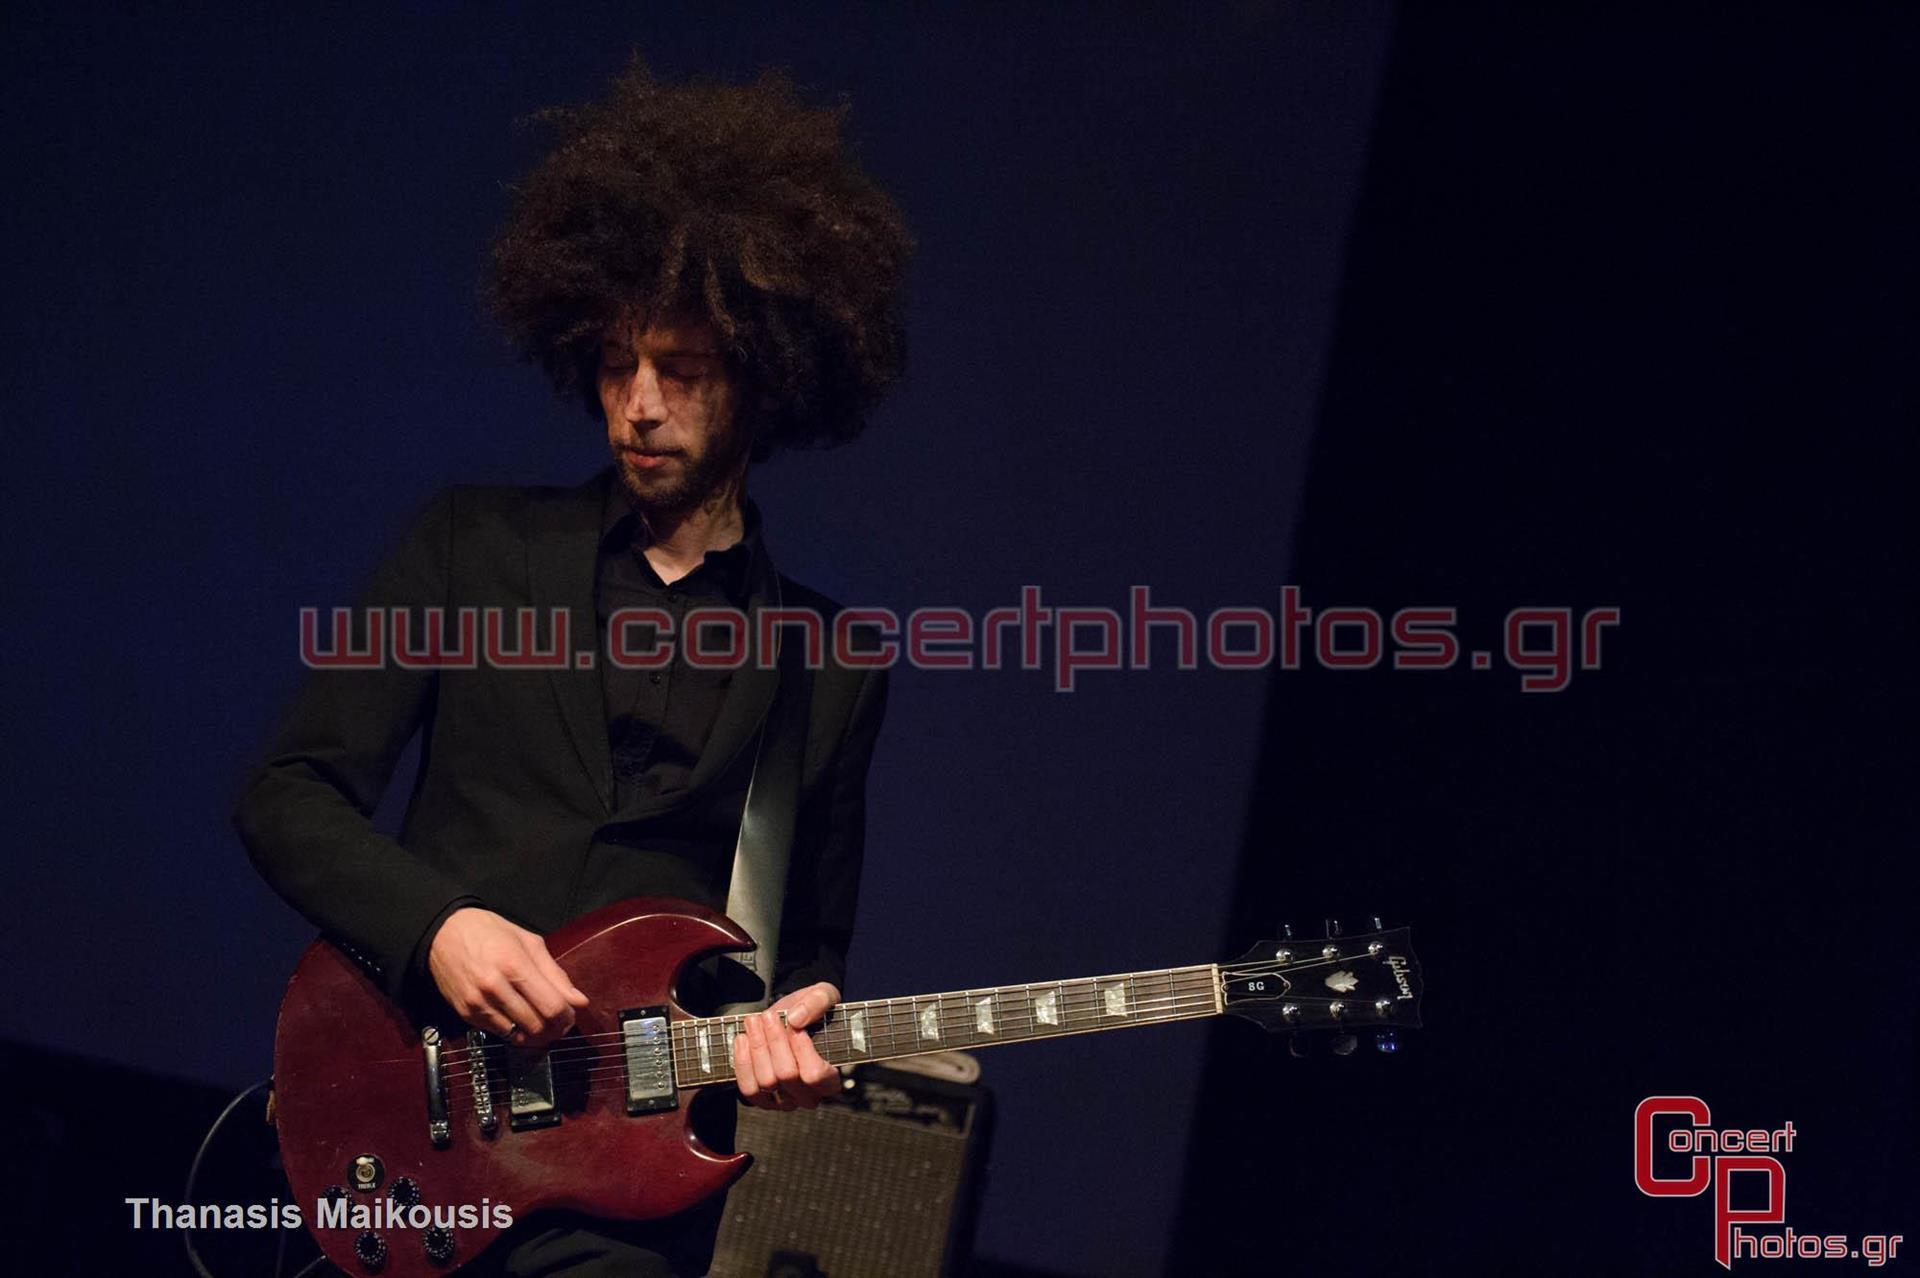 Wax Tailor - photographer: Thanasis Maikousis - ConcertPhotos-7711